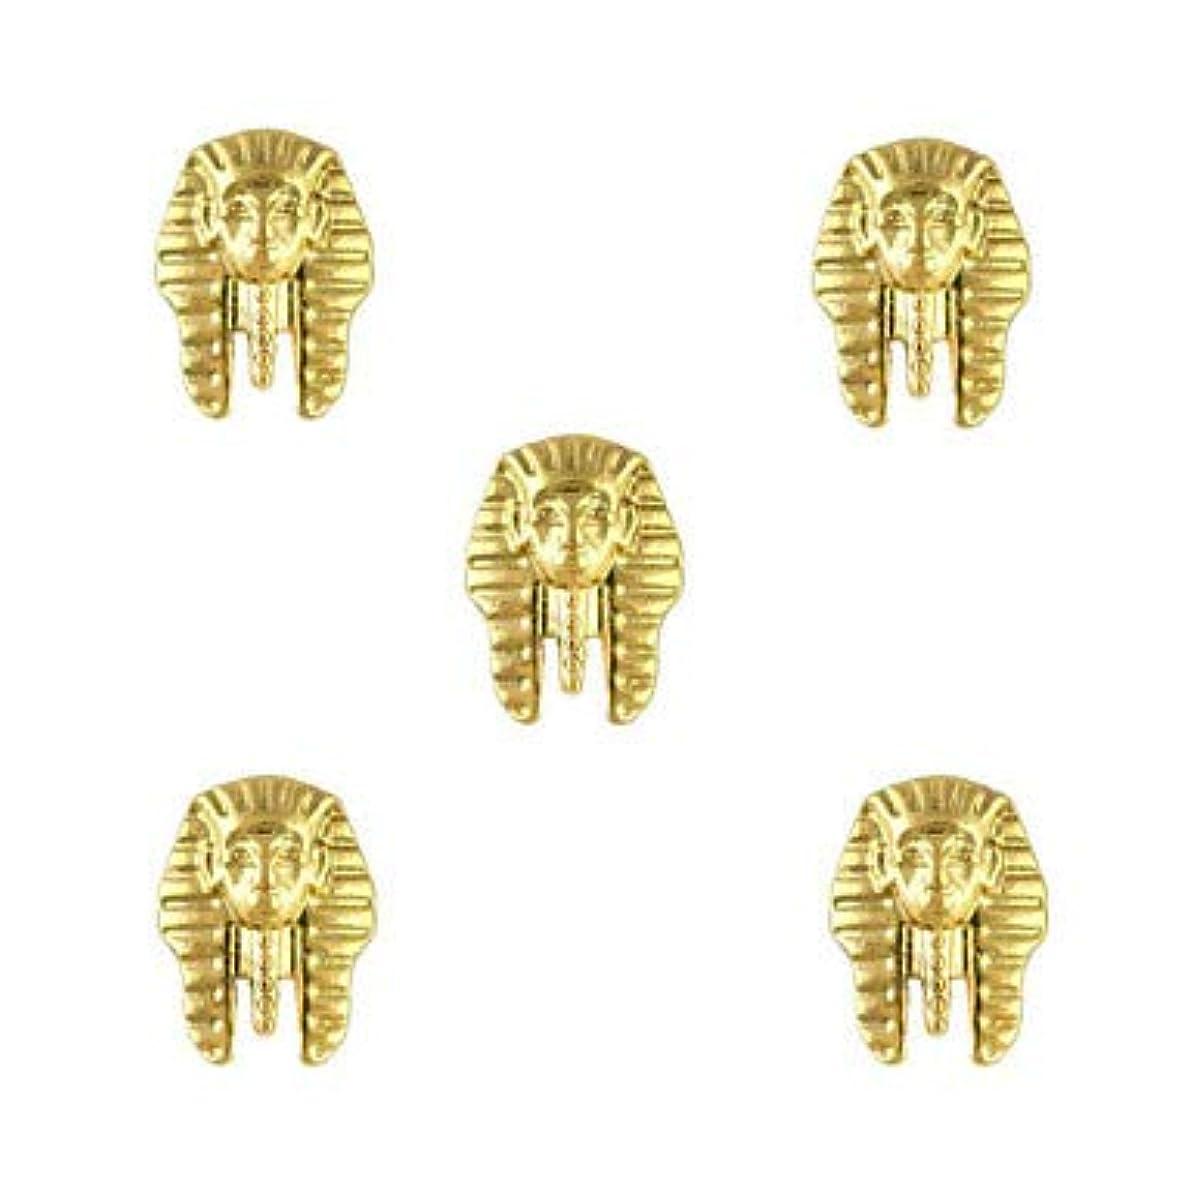 プロトタイプ漁師重量指のつま先のための金属のエジプトパターンのマニキュアの宝石類の宝石類